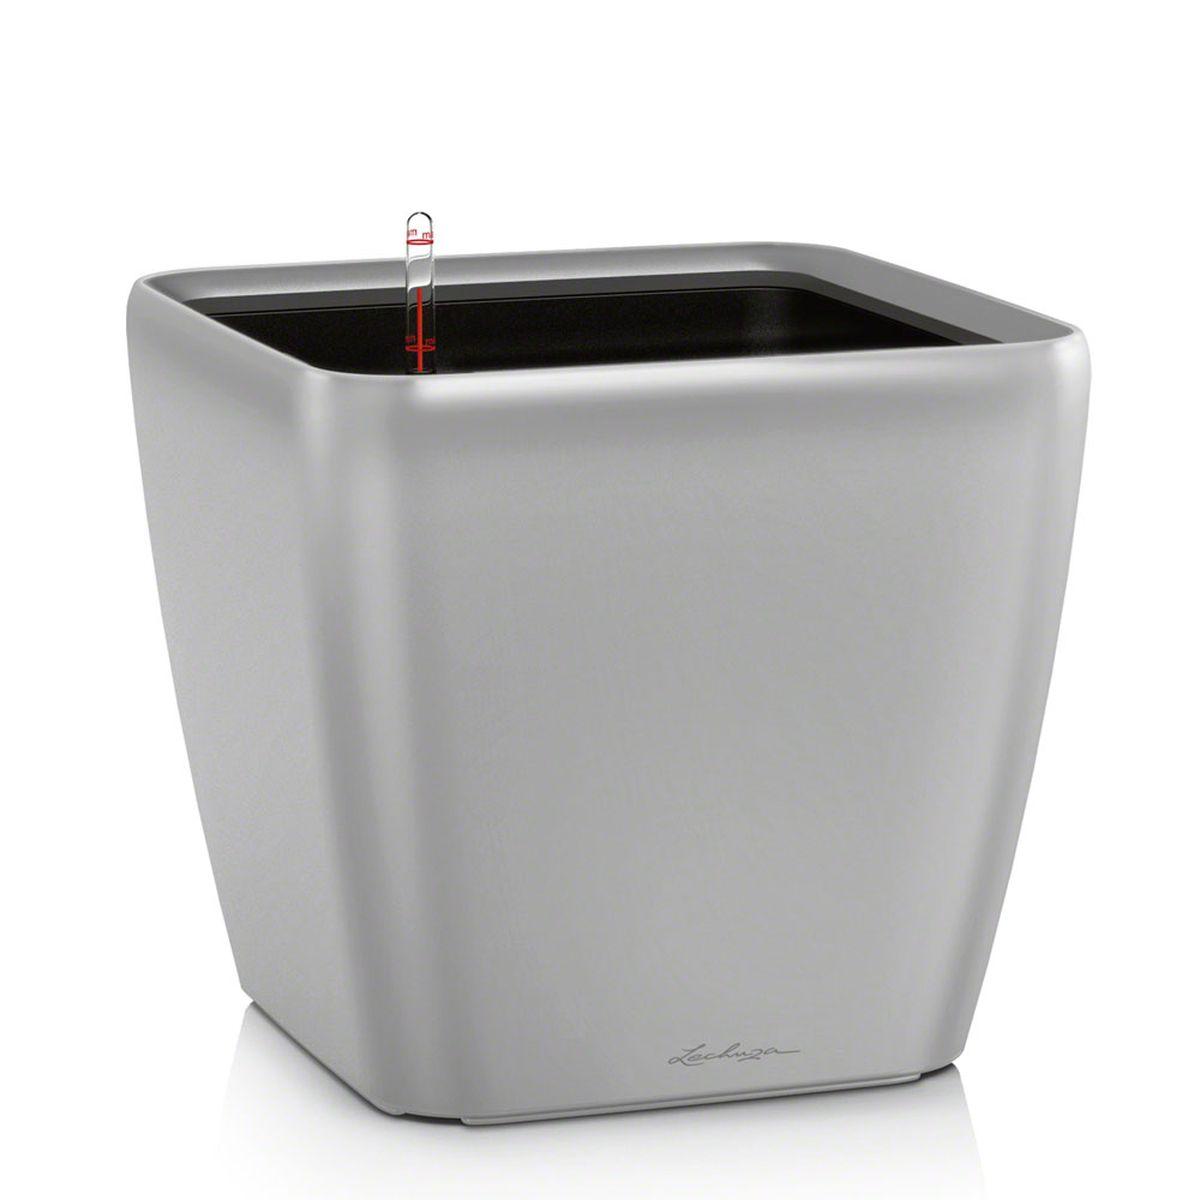 Кашпо Lechuza Quadro, с системой автополива, цвет: серебристый, 43 х 43 х 40 смZ-0307Кашпо Lechuza Quadro, выполненное из высококачественного пластика, имеет уникальную систему автополива, благодаря которой корневая система растения непрерывно снабжается влагой из резервуара. Уровень воды в резервуаре контролируется с помощью специального индикатора. В зависимости от размера кашпо и растения воды хватает на 2-12 недель. Это способствует хорошему росту цветов и предотвращает переувлажнение.В набор входит: кашпо, внутренний горшок, индикатор уровня воды, вал подачи воды, субстрат растений в качестве дренажного слоя, резервуар для воды. Кашпо Lechuza Quadro прекрасно впишется в любой интерьер. Оно поможет расставить нужные акценты, а также придаст помещению вид, соответствующий вашим представлениям.